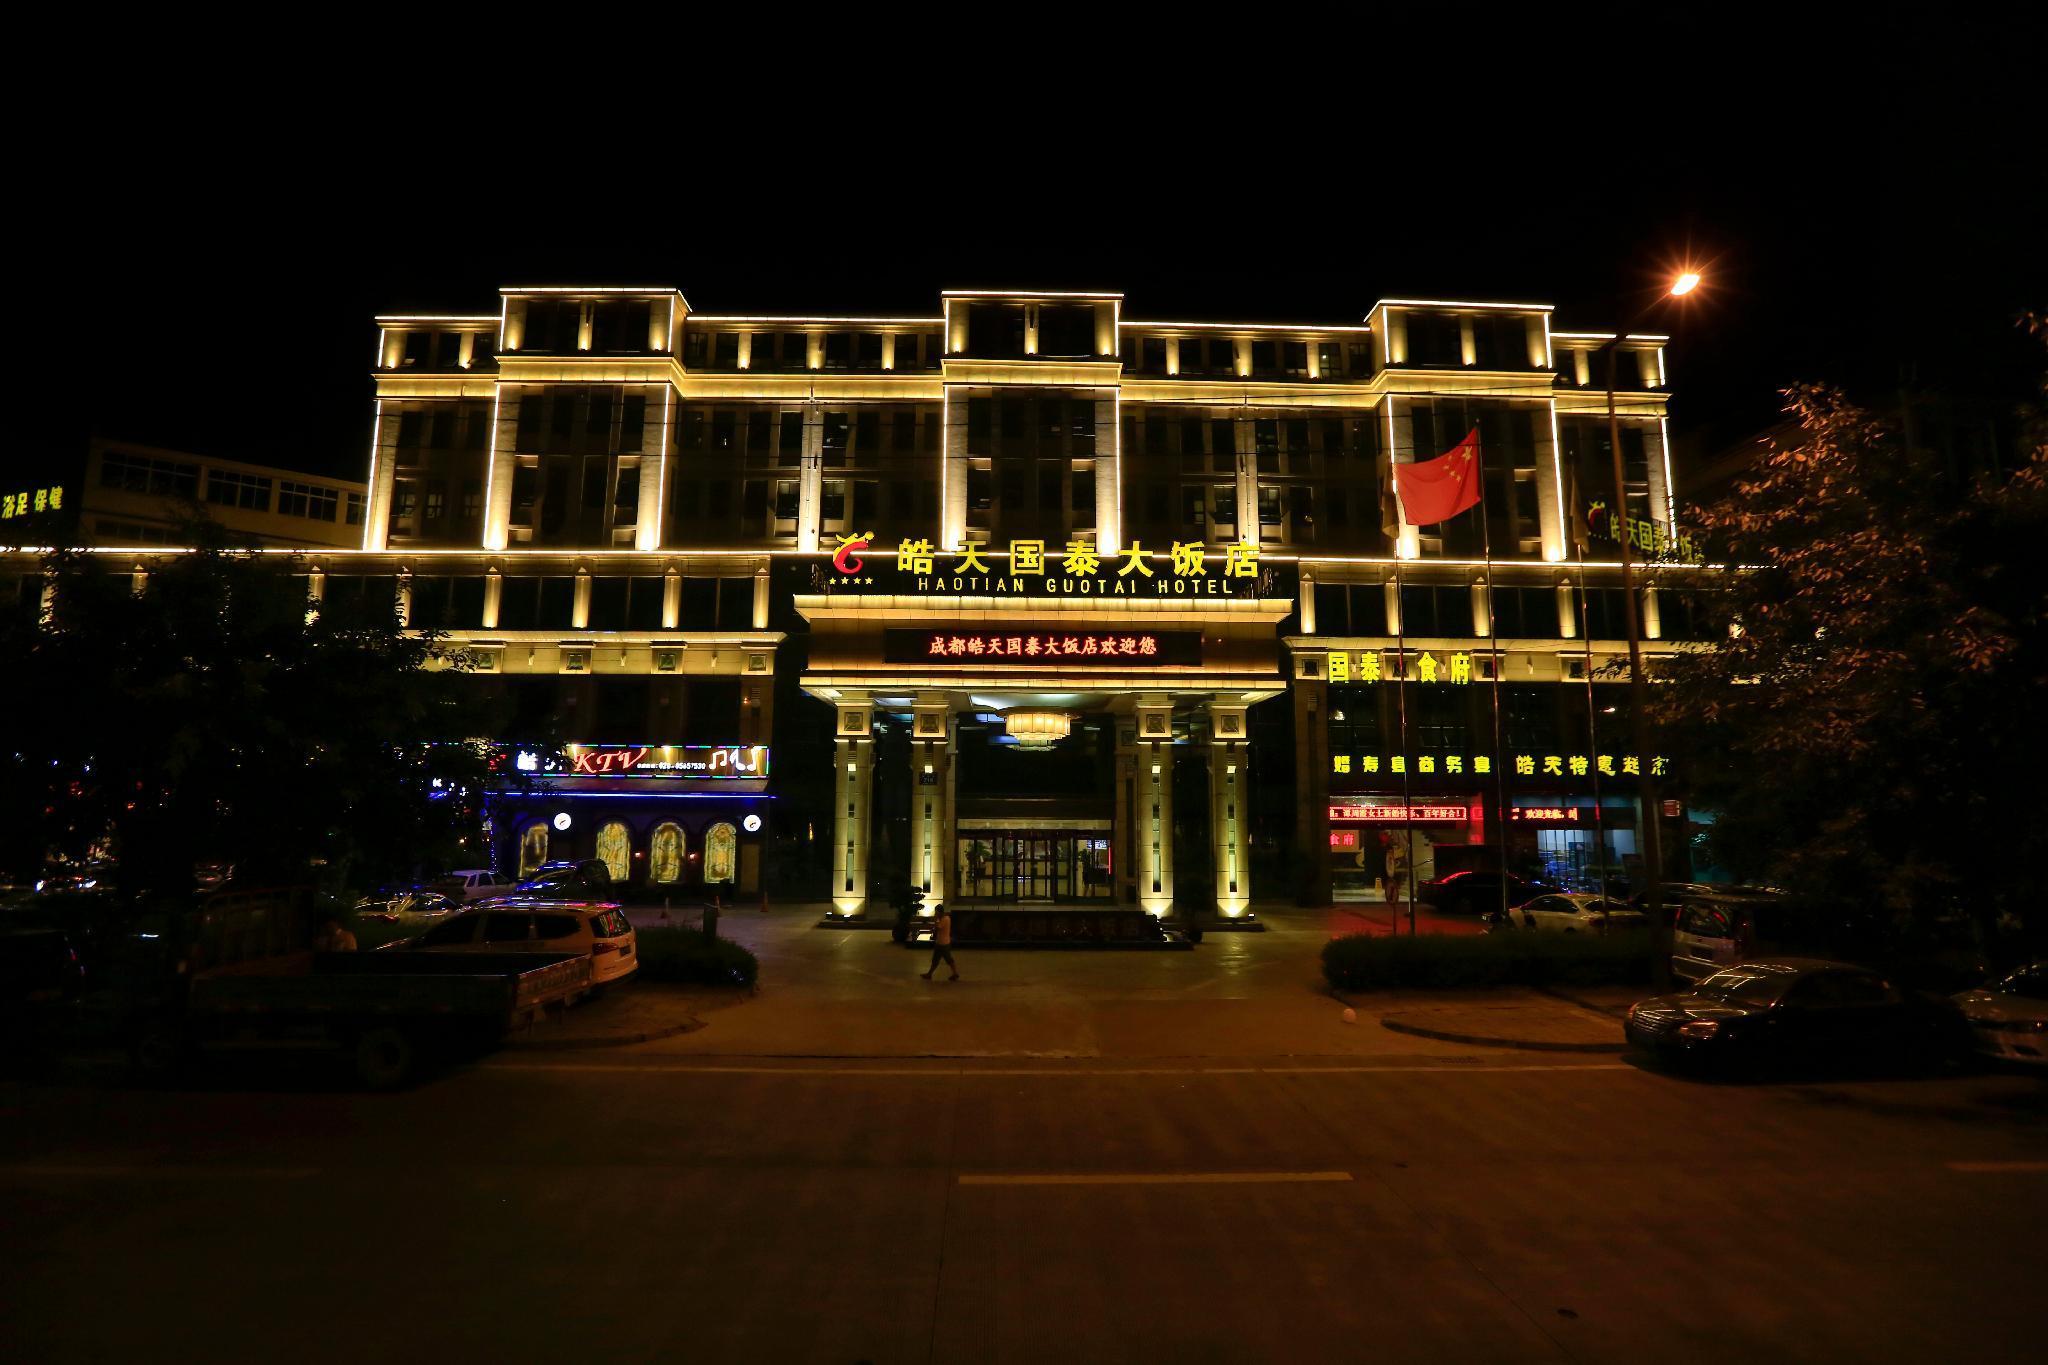 Chengdu Haotian Guotai Hotel